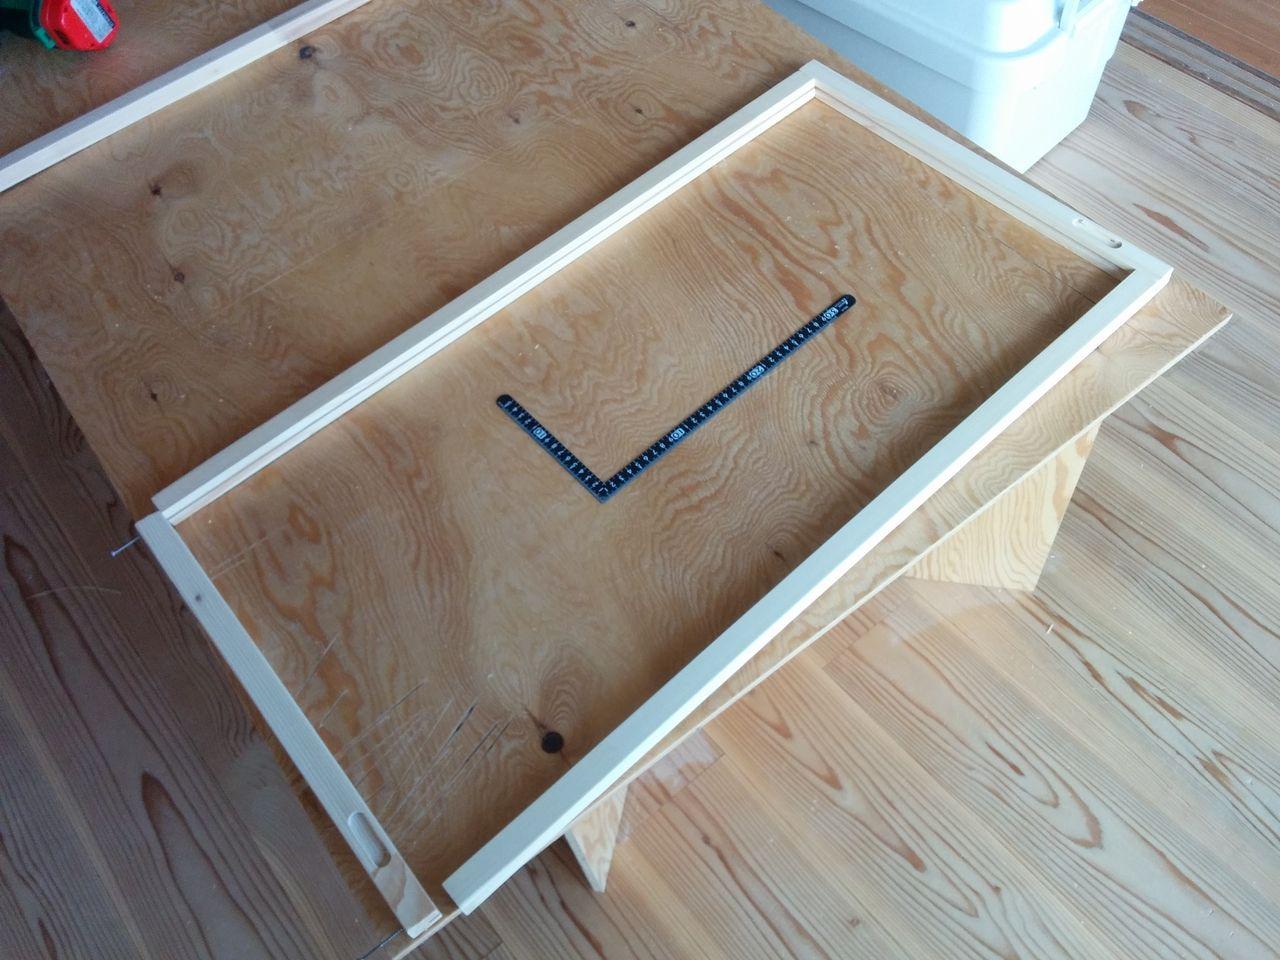 みなさまこんにちは。 前回のブログで『ほんのり透明な引戸』が完成しましたが、材料が少し余ったのでこんなモノも作ってみました。